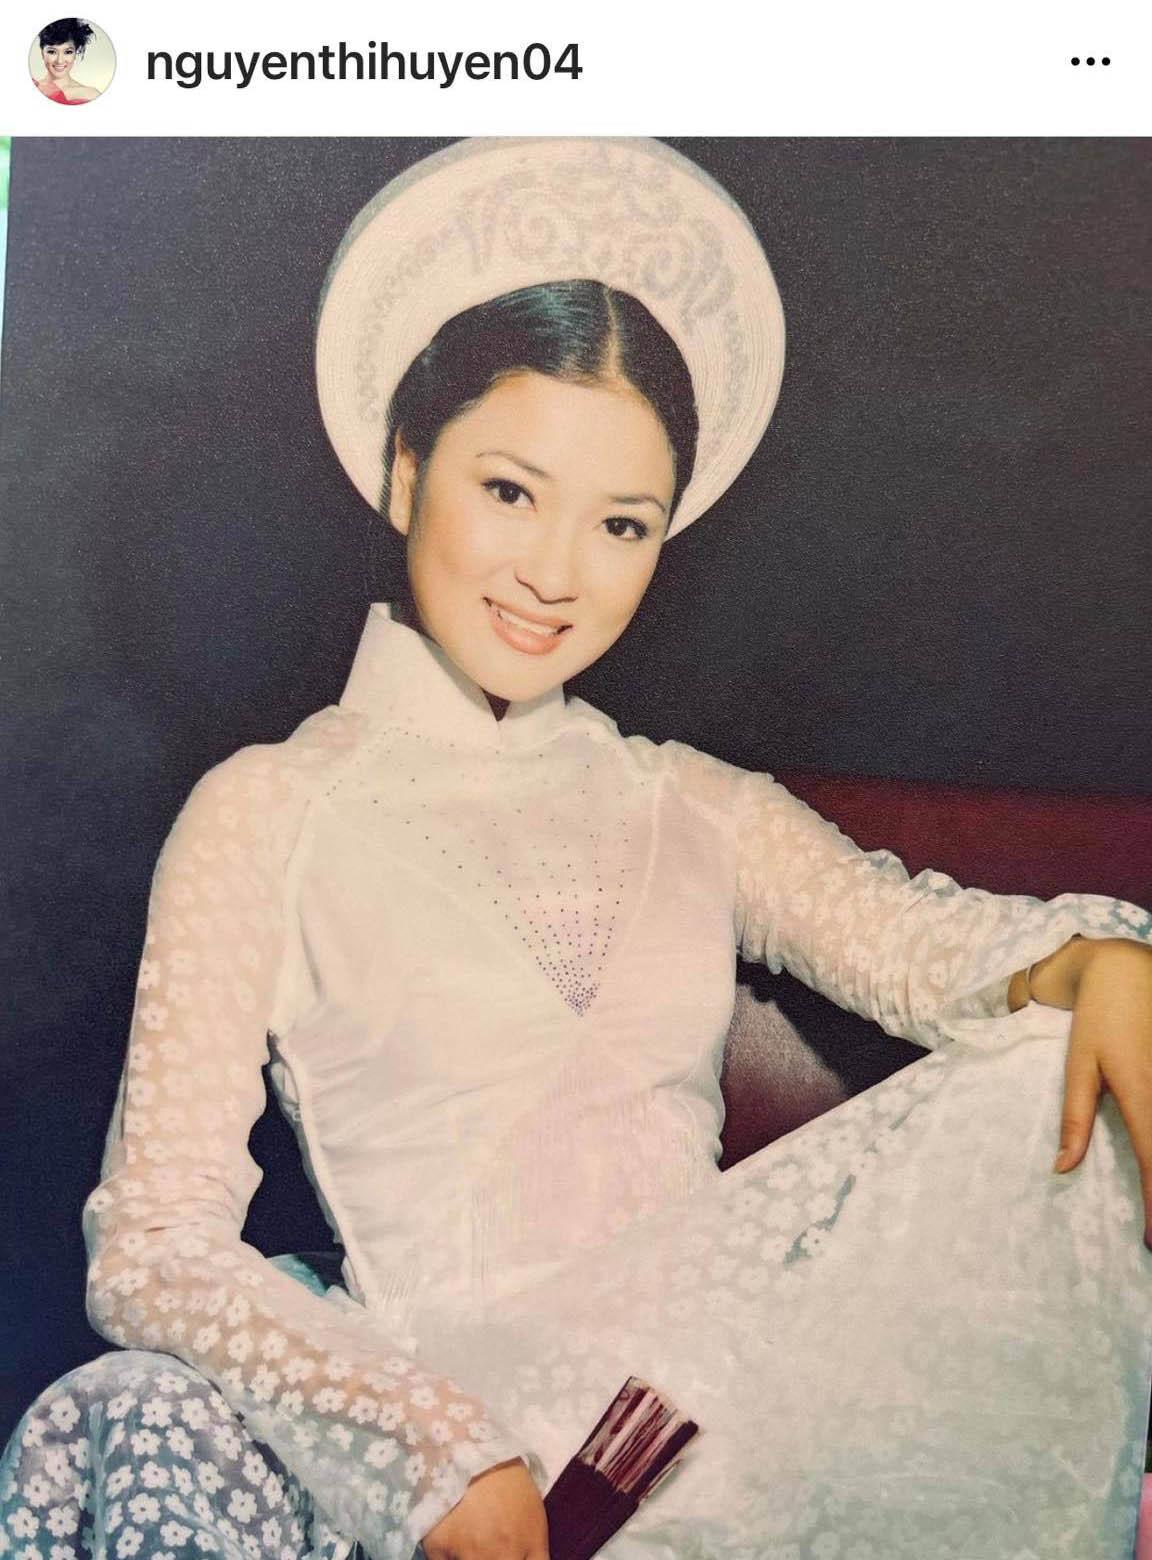 """Ngỡ ngàng với vẻ đẹp """"hoa hậu của các hoa hậu"""" Nguyễn Thị Huyền 17 năm trước - 3"""